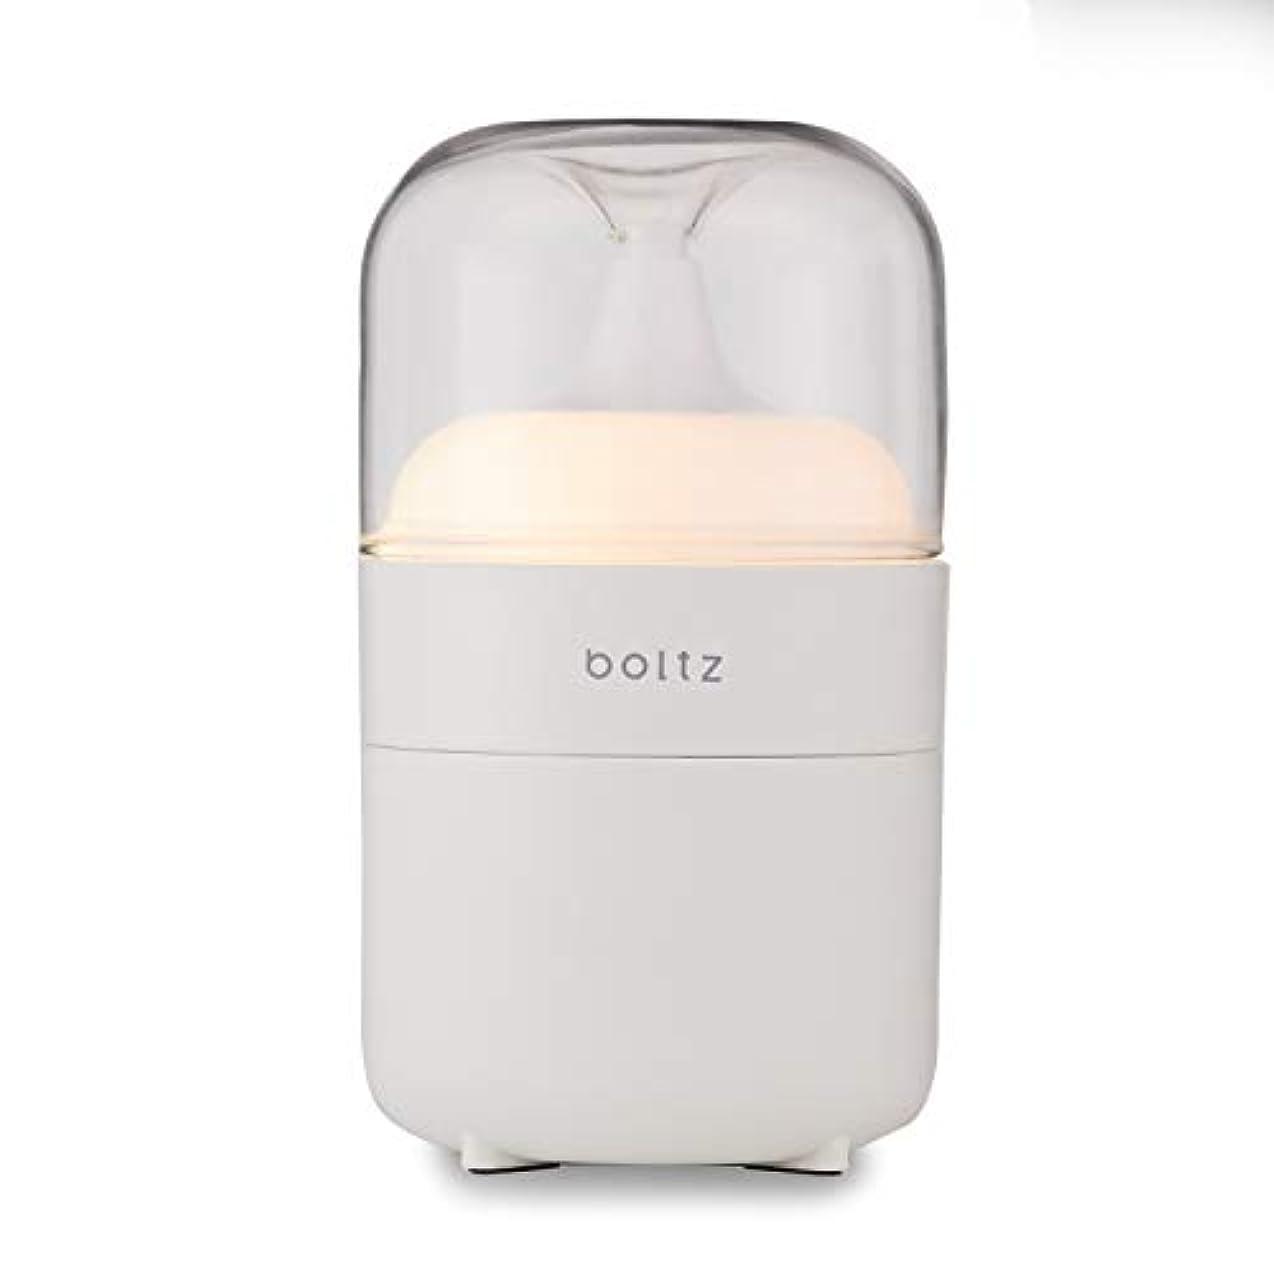 提供薬剤師パノラマLOWYA(ロウヤ) boltz アロマディフューザー ネプライザー式 アロマオイル対応 間接照明 おしゃれ USB対応